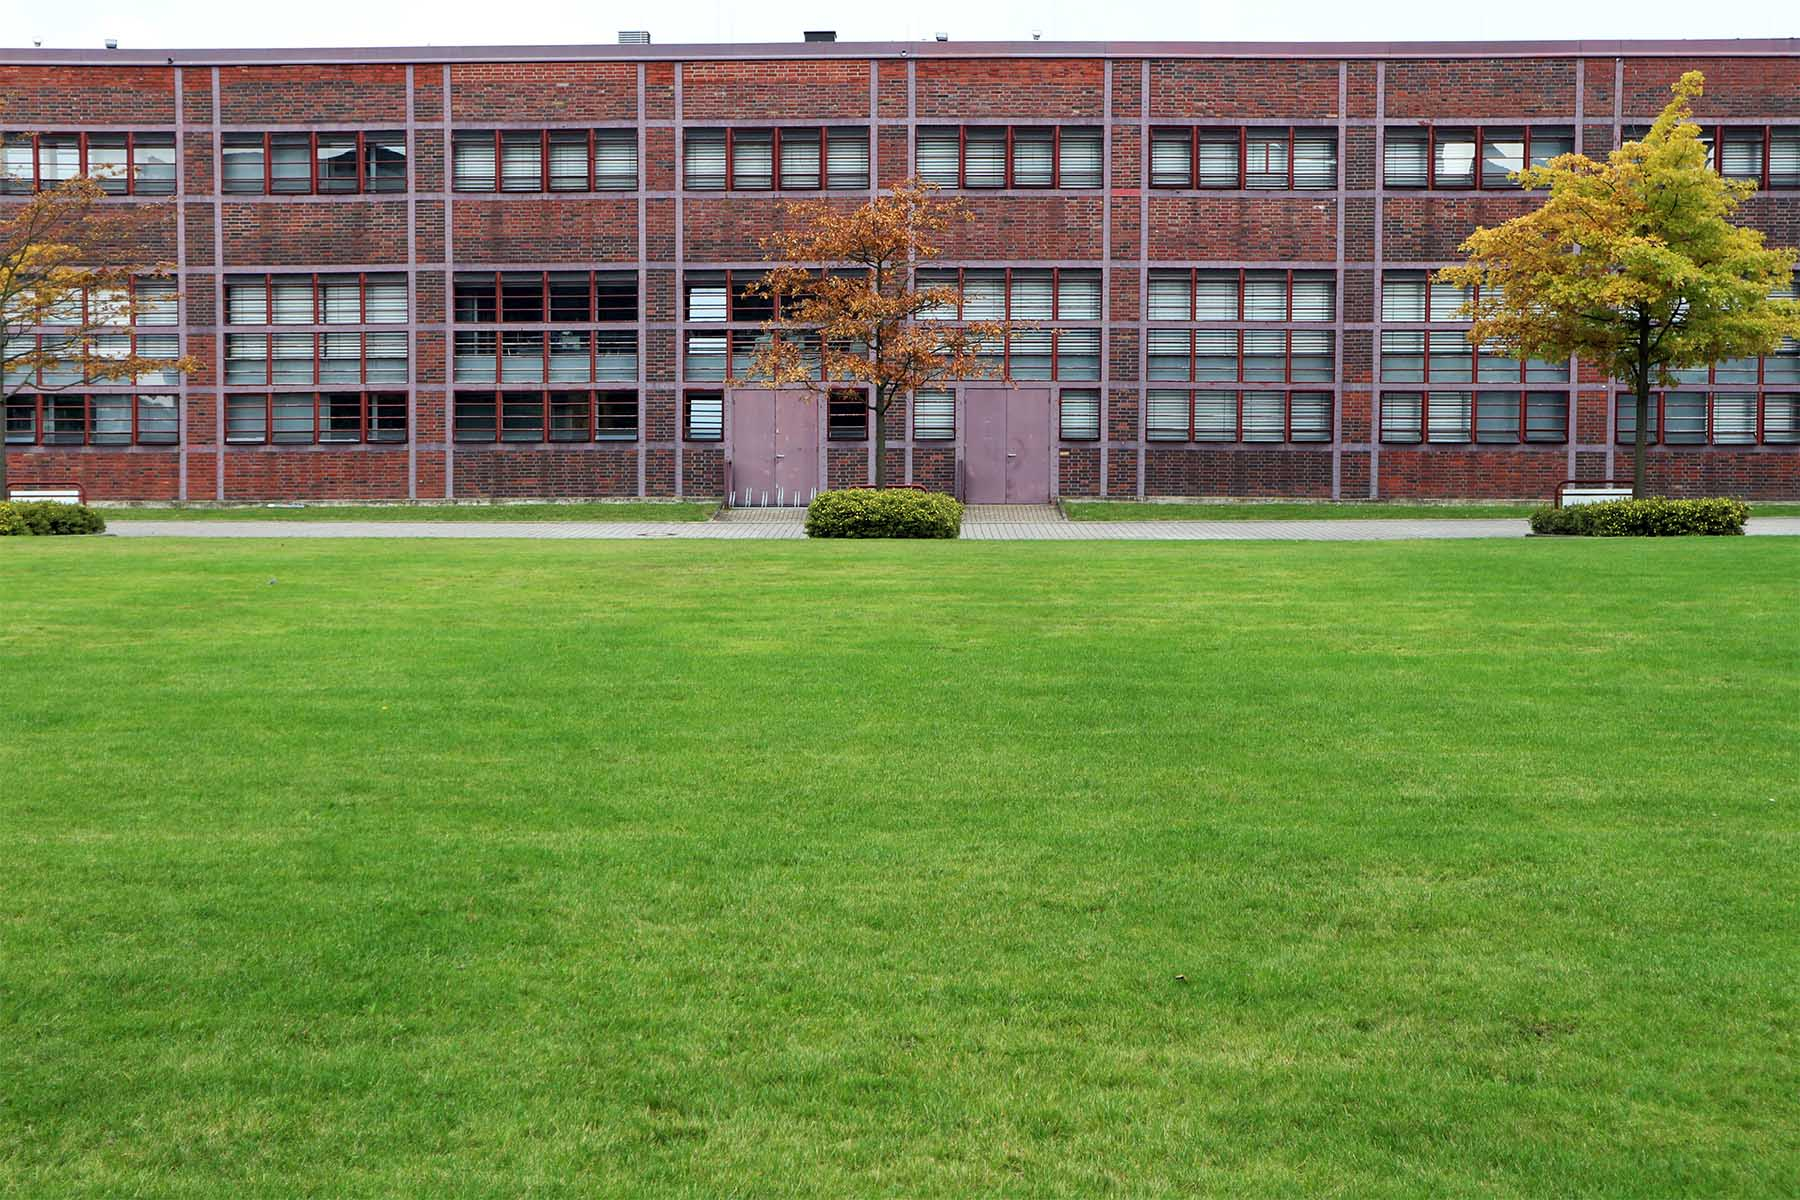 Nordsternpark.  Der Park ist Teil der Zeche Nordstern, die nach der Stilllegung 1993 umfassend saniert wurde. Eine Landmarke, die für die Transformation der Metropole Ruhr steht.